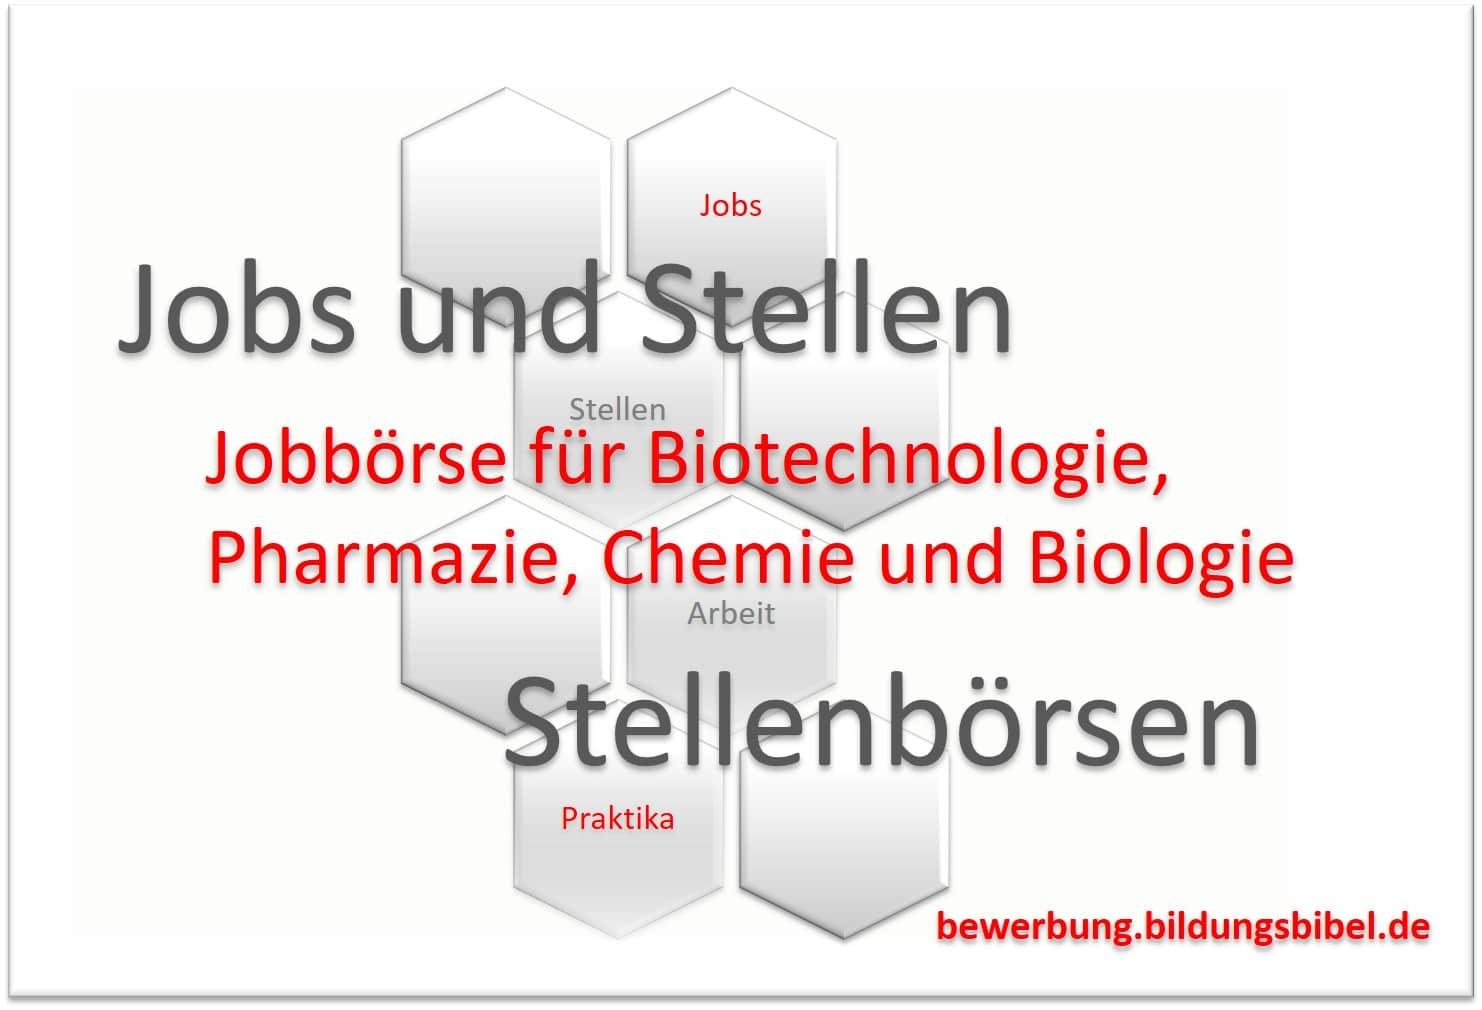 Jobbörse für Biotechnologie, Pharmazie, Chemie und Biologie, Jobs suchen und finden